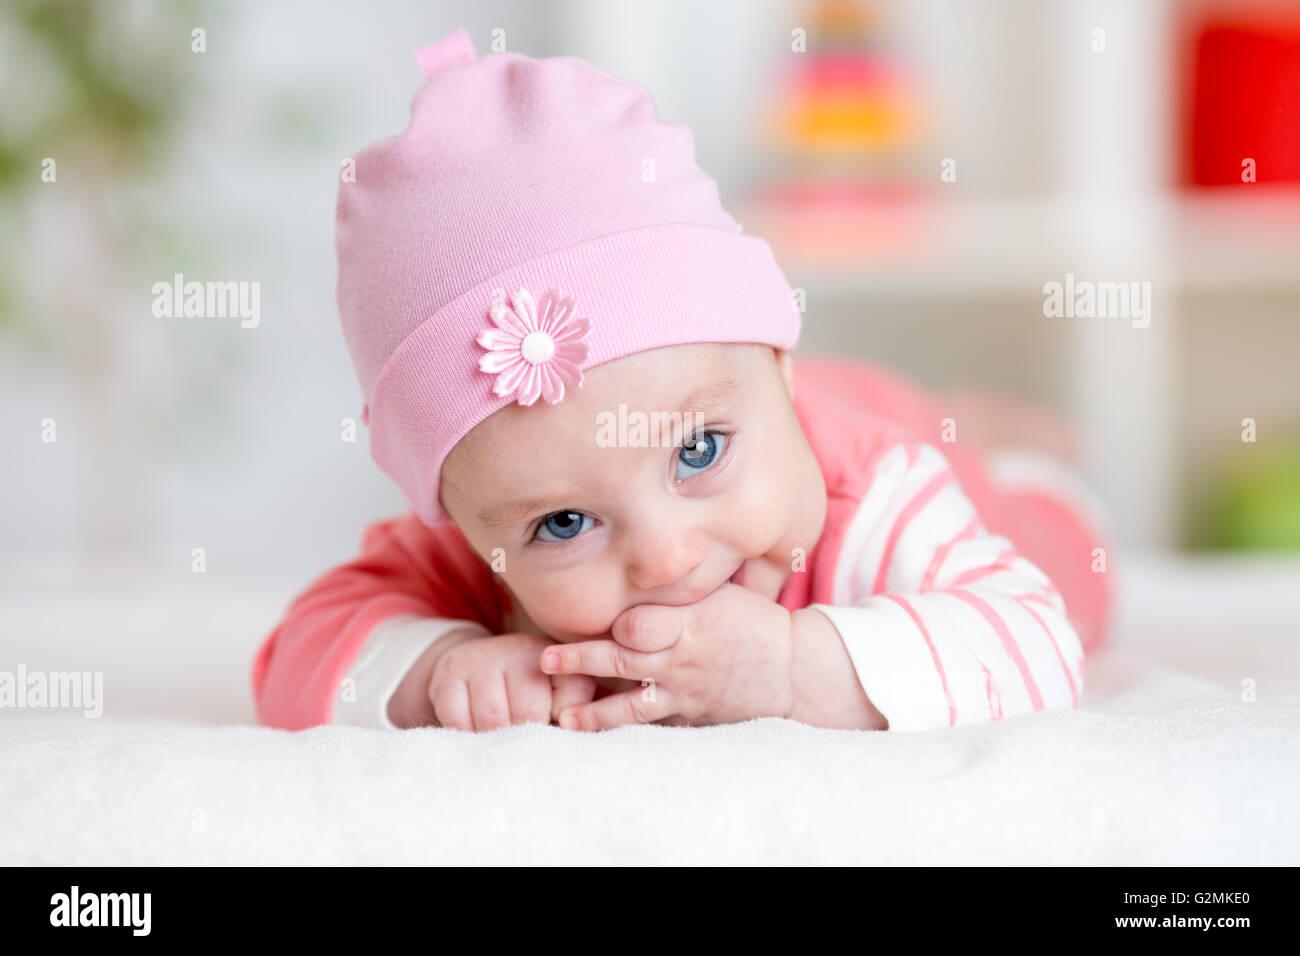 Baby teething sucks fingers. Infant kid lying in nursery - Stock Image